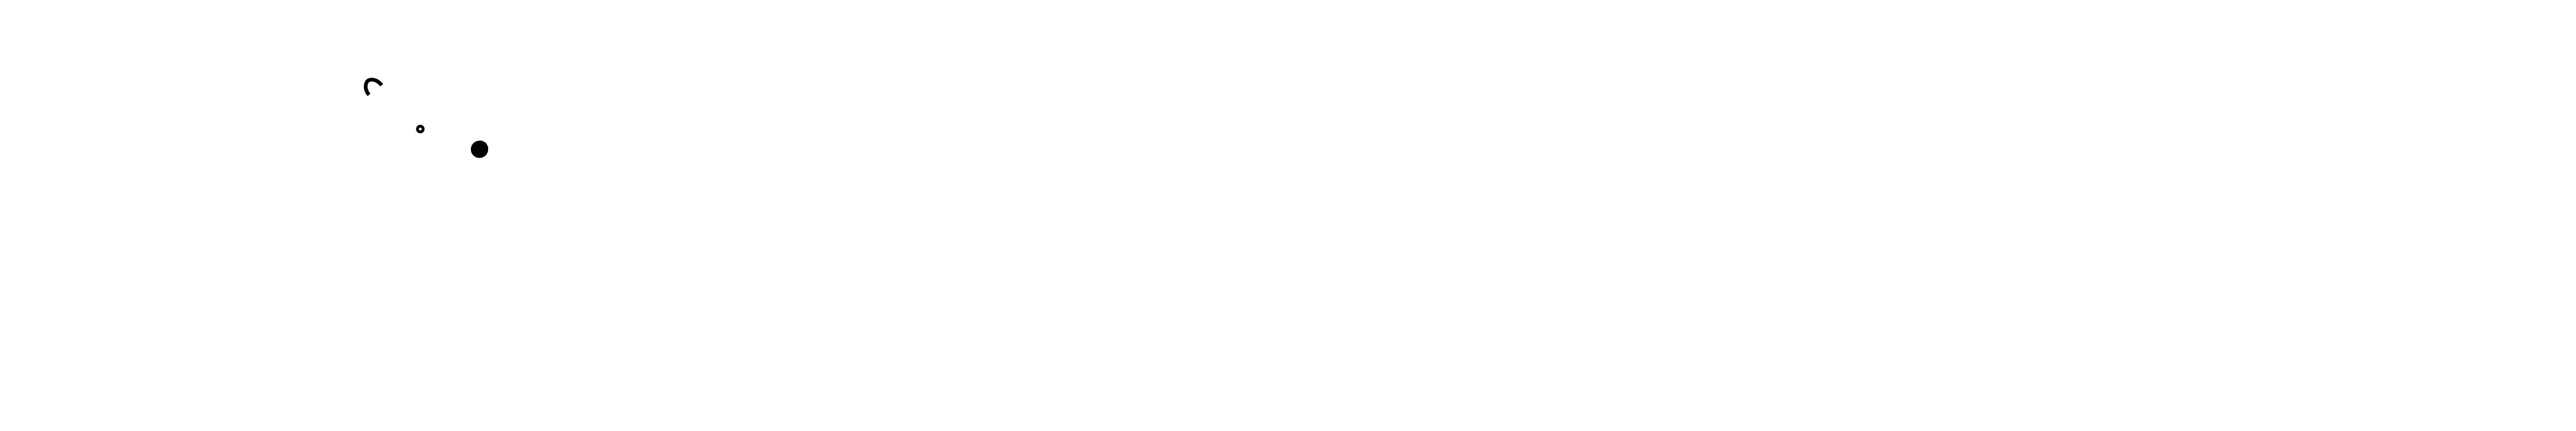 しろくまクラブ|川崎・武蔵小杉バドミントンサークル|OFFICIAL WEB SITE